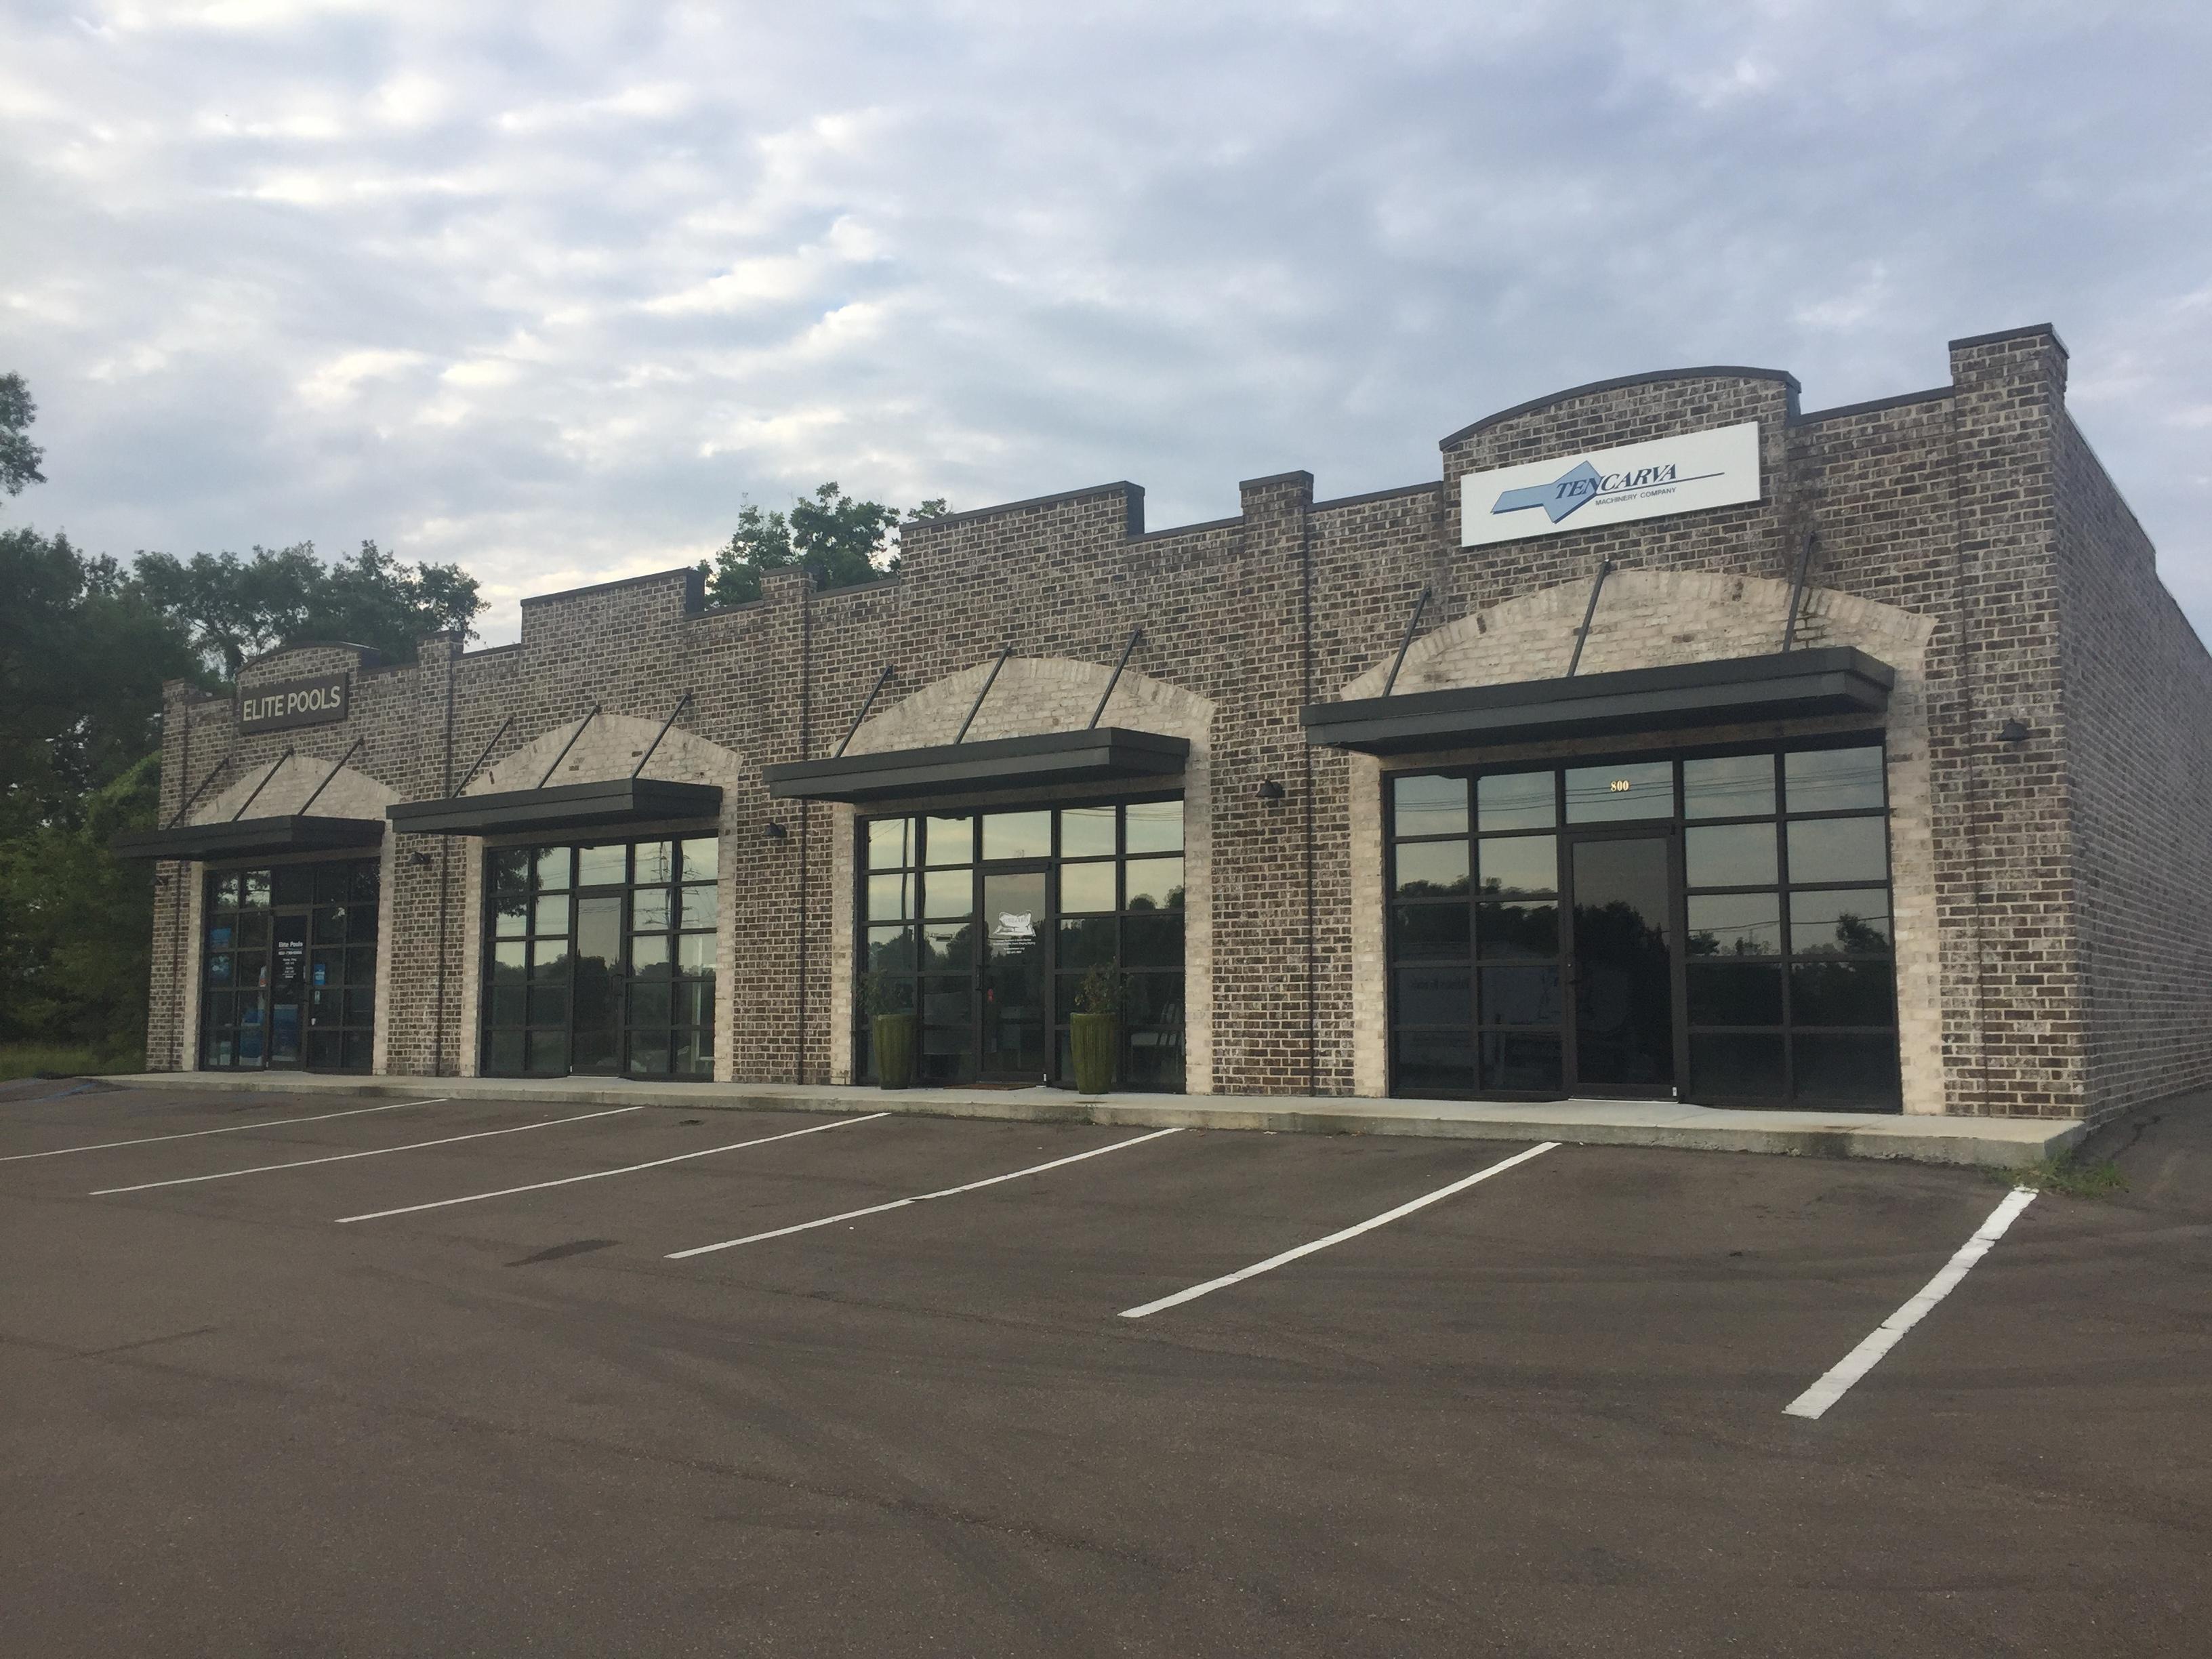 Retail building photograph